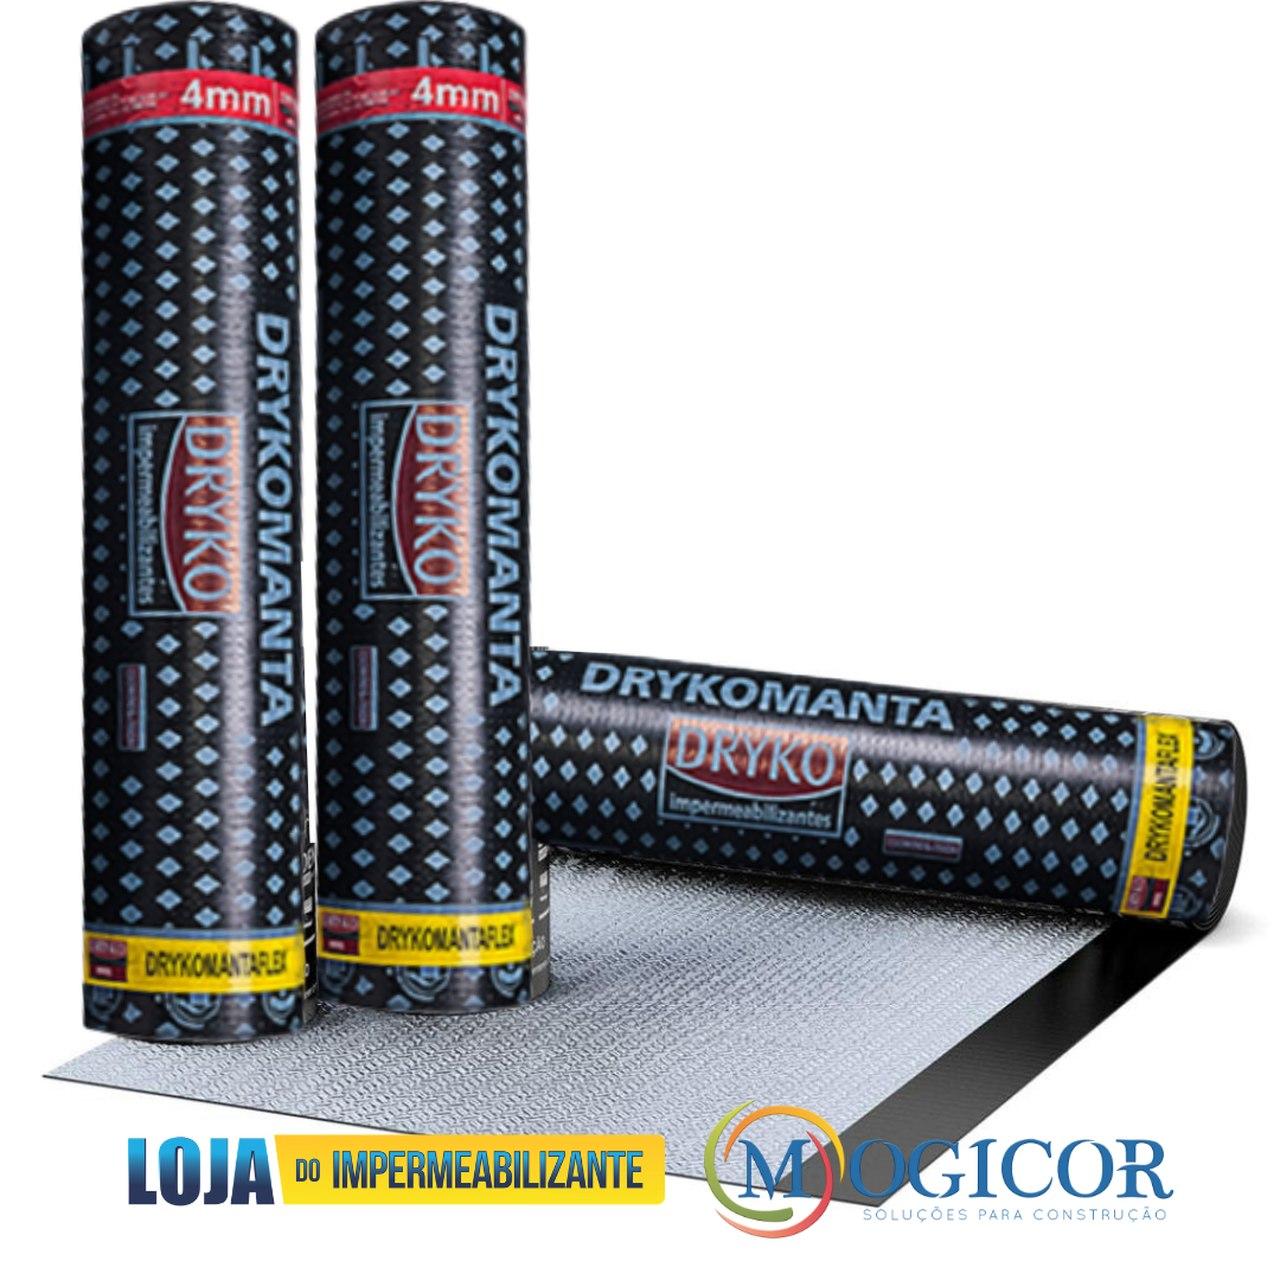 Manta Asfáltica Impermeabilizante 3mm x 10m p/ Lajes, Terraços, Banheiros, Calhas Drykomanta Flex